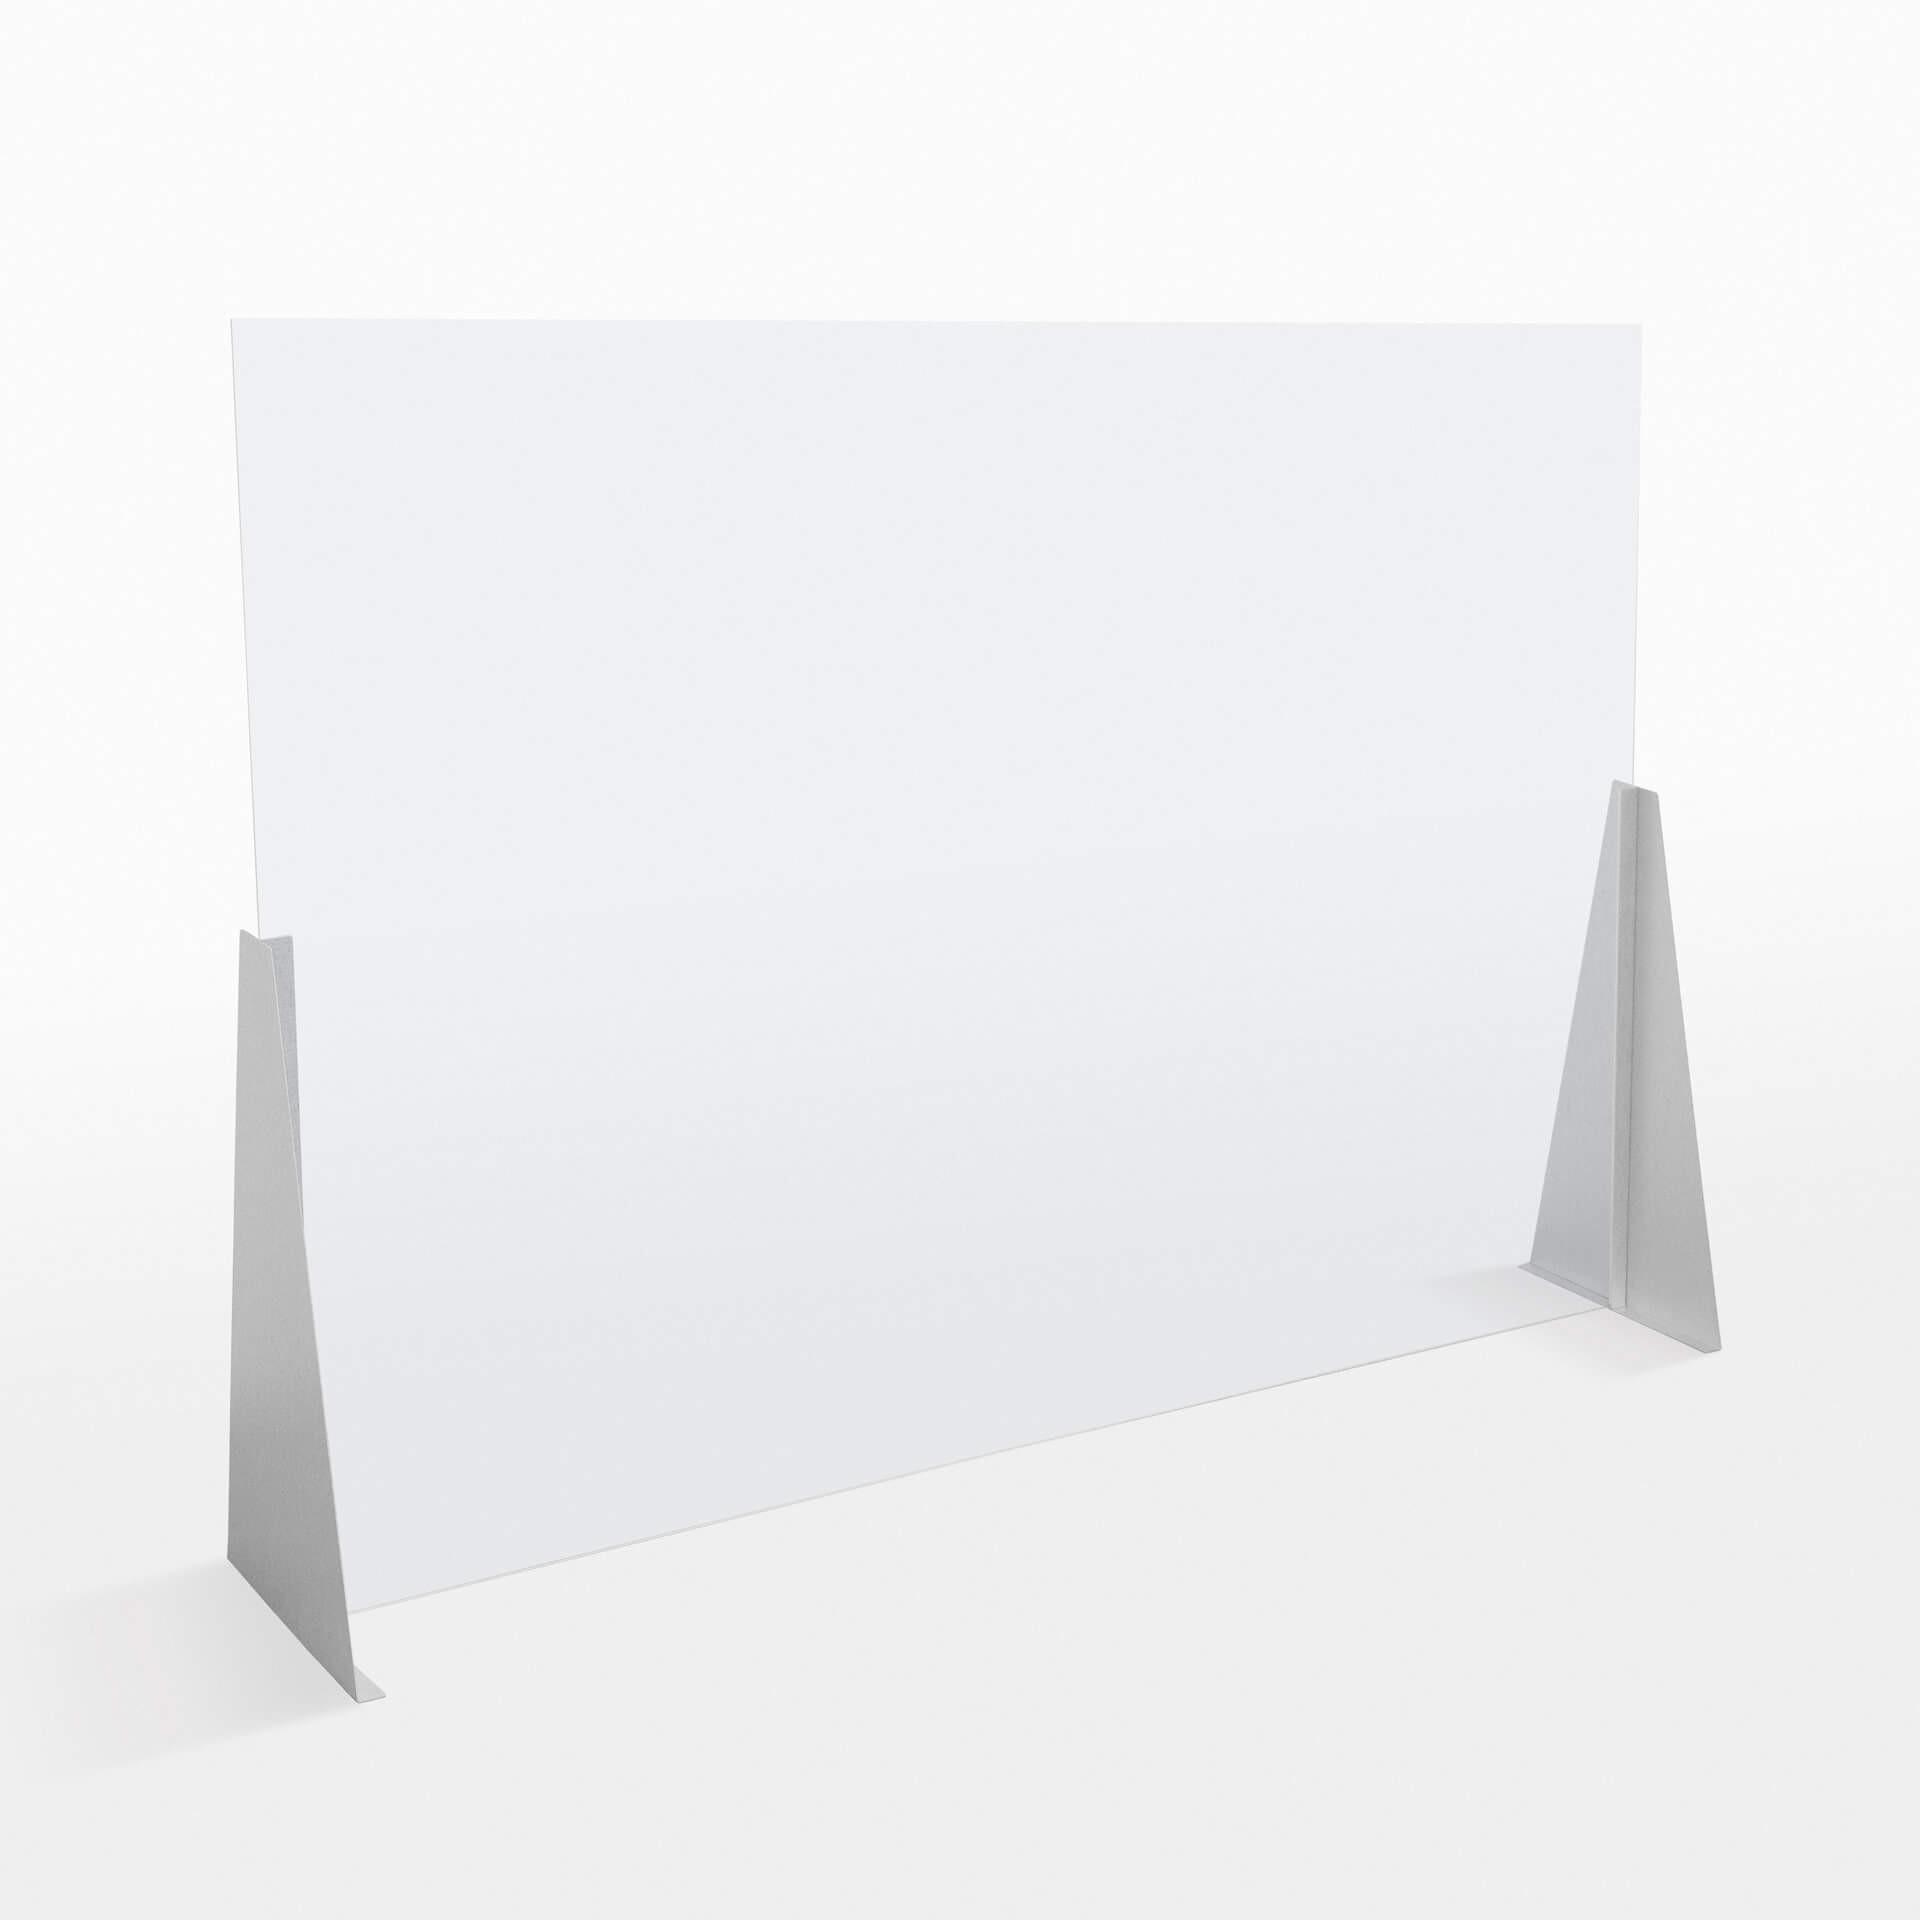 Spuck-Schutz - Tisch - freistehend